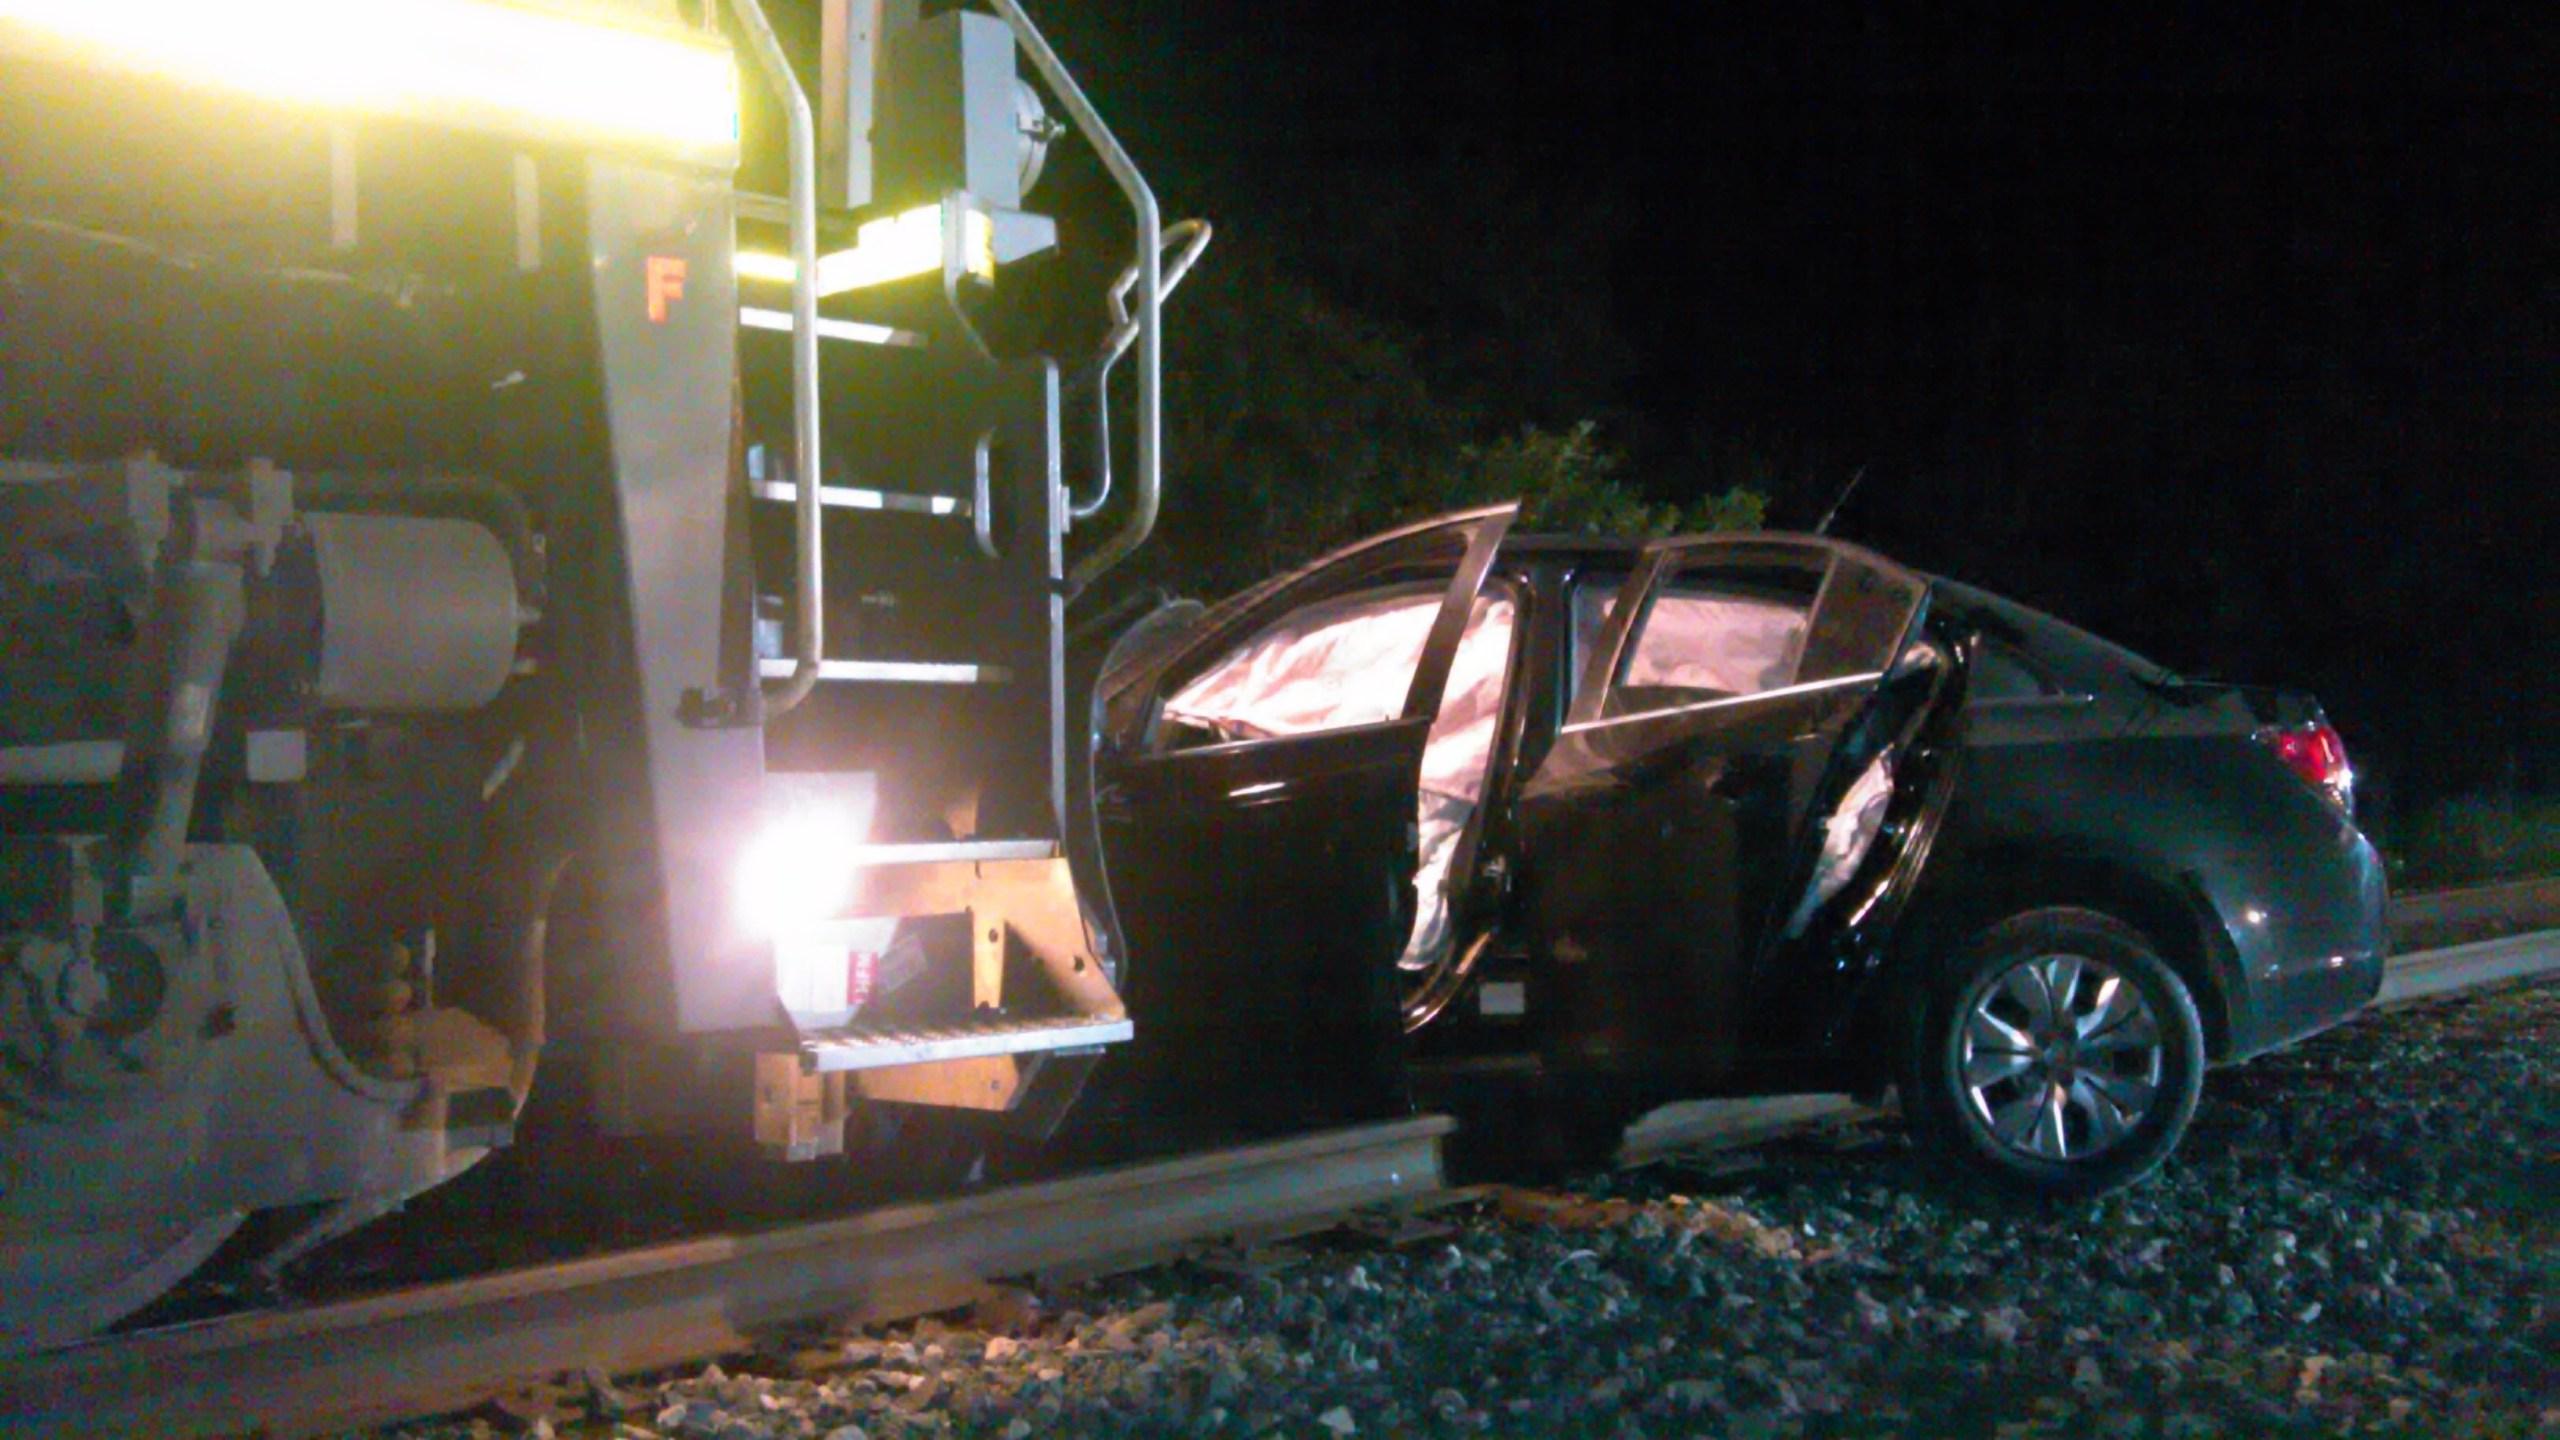 train vs car 7-23-17 Kyle_512606